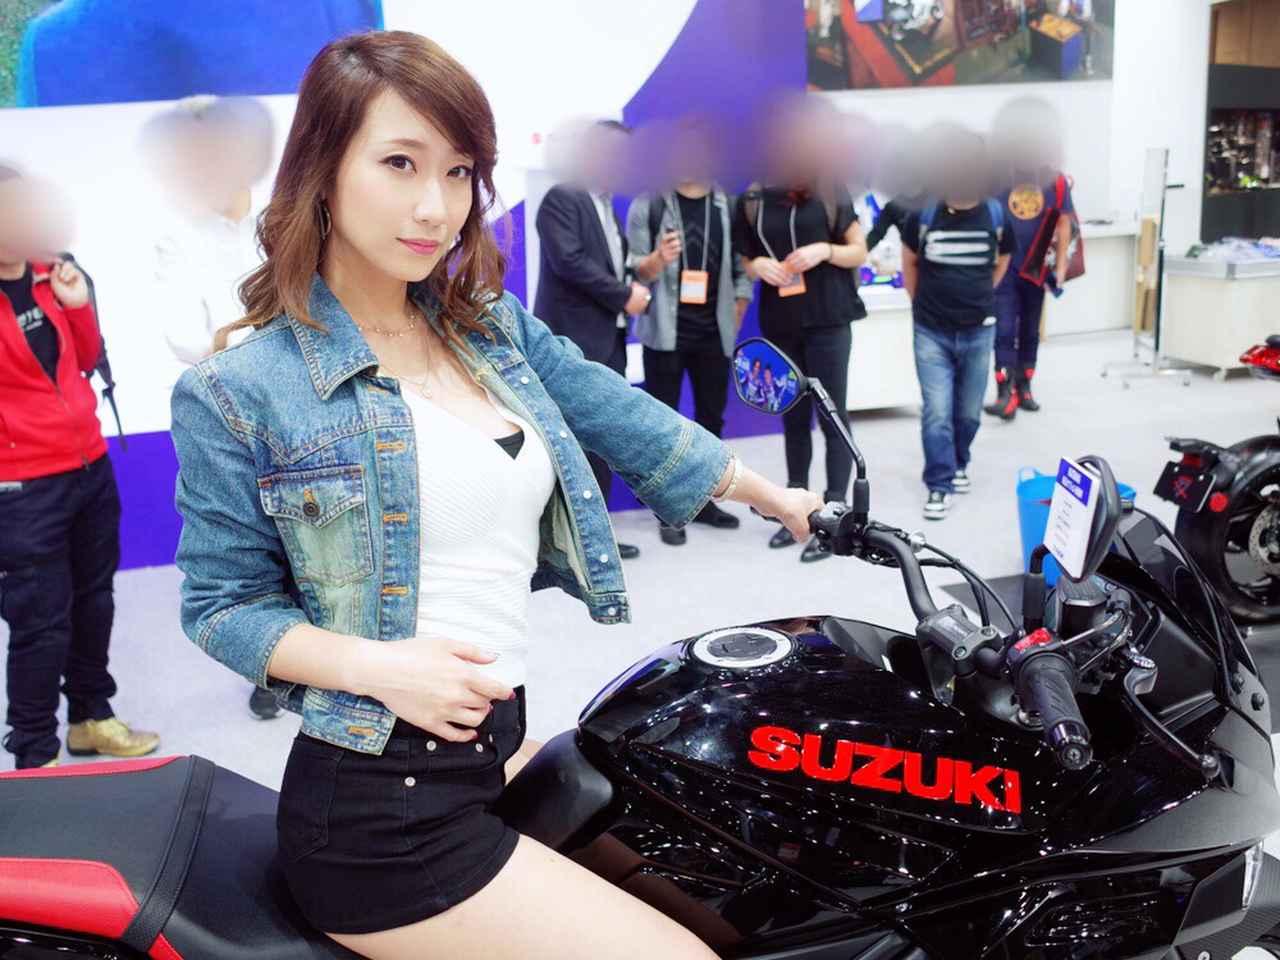 画像9: 「東京モーターサイクルショー2019」無事閉幕!未公開写真載せちゃいます♡【水曜日のミク様】